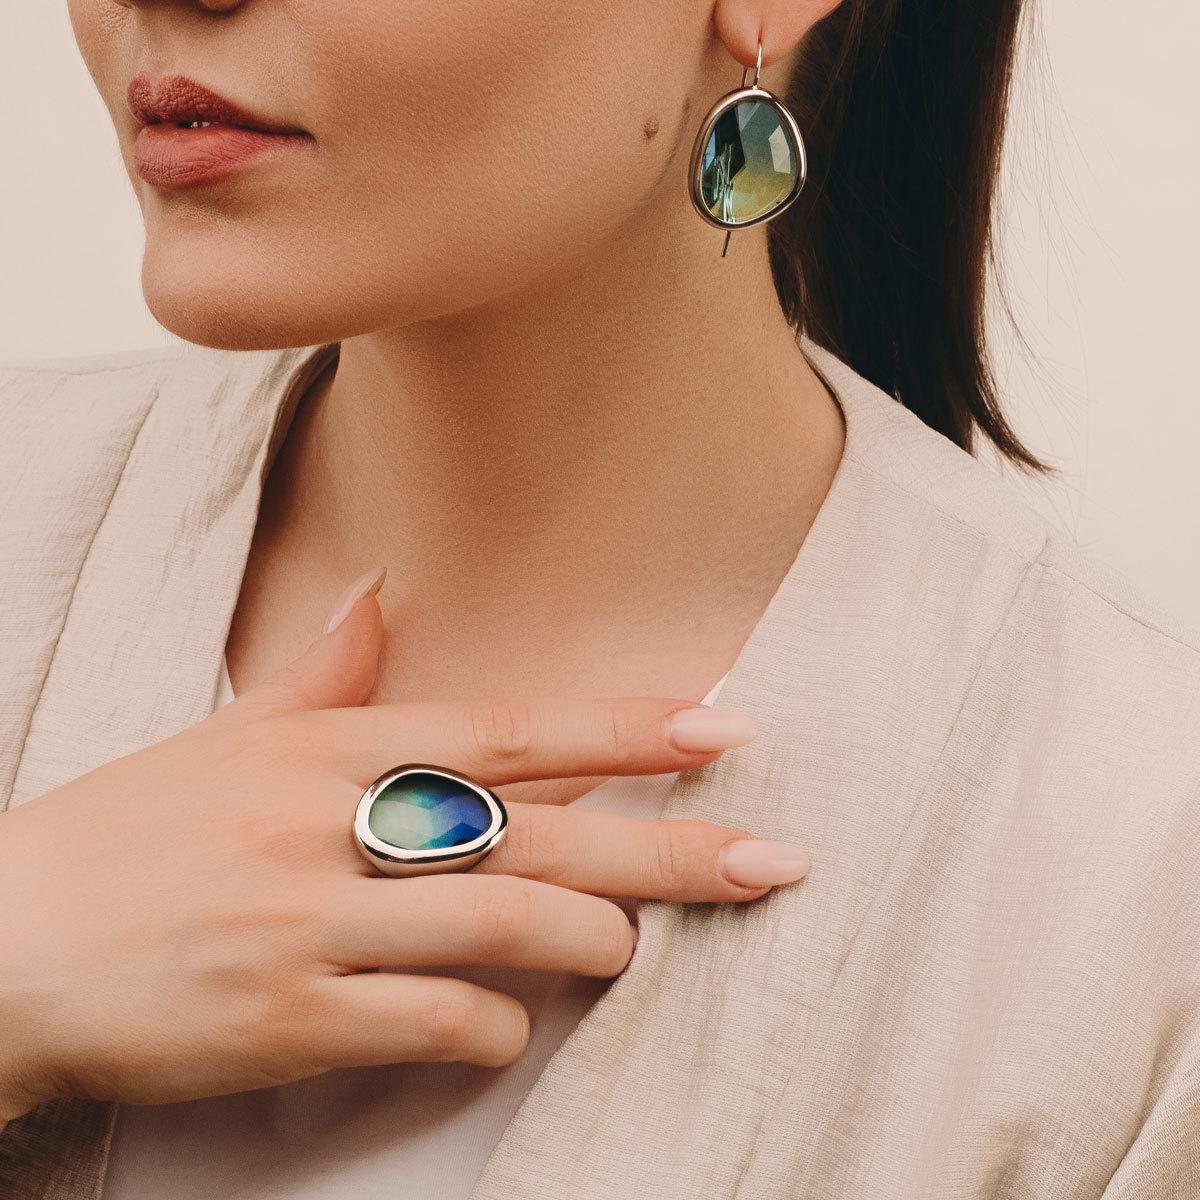 Серьги на петле c каплевидным кристаллом (зелено-голубой)